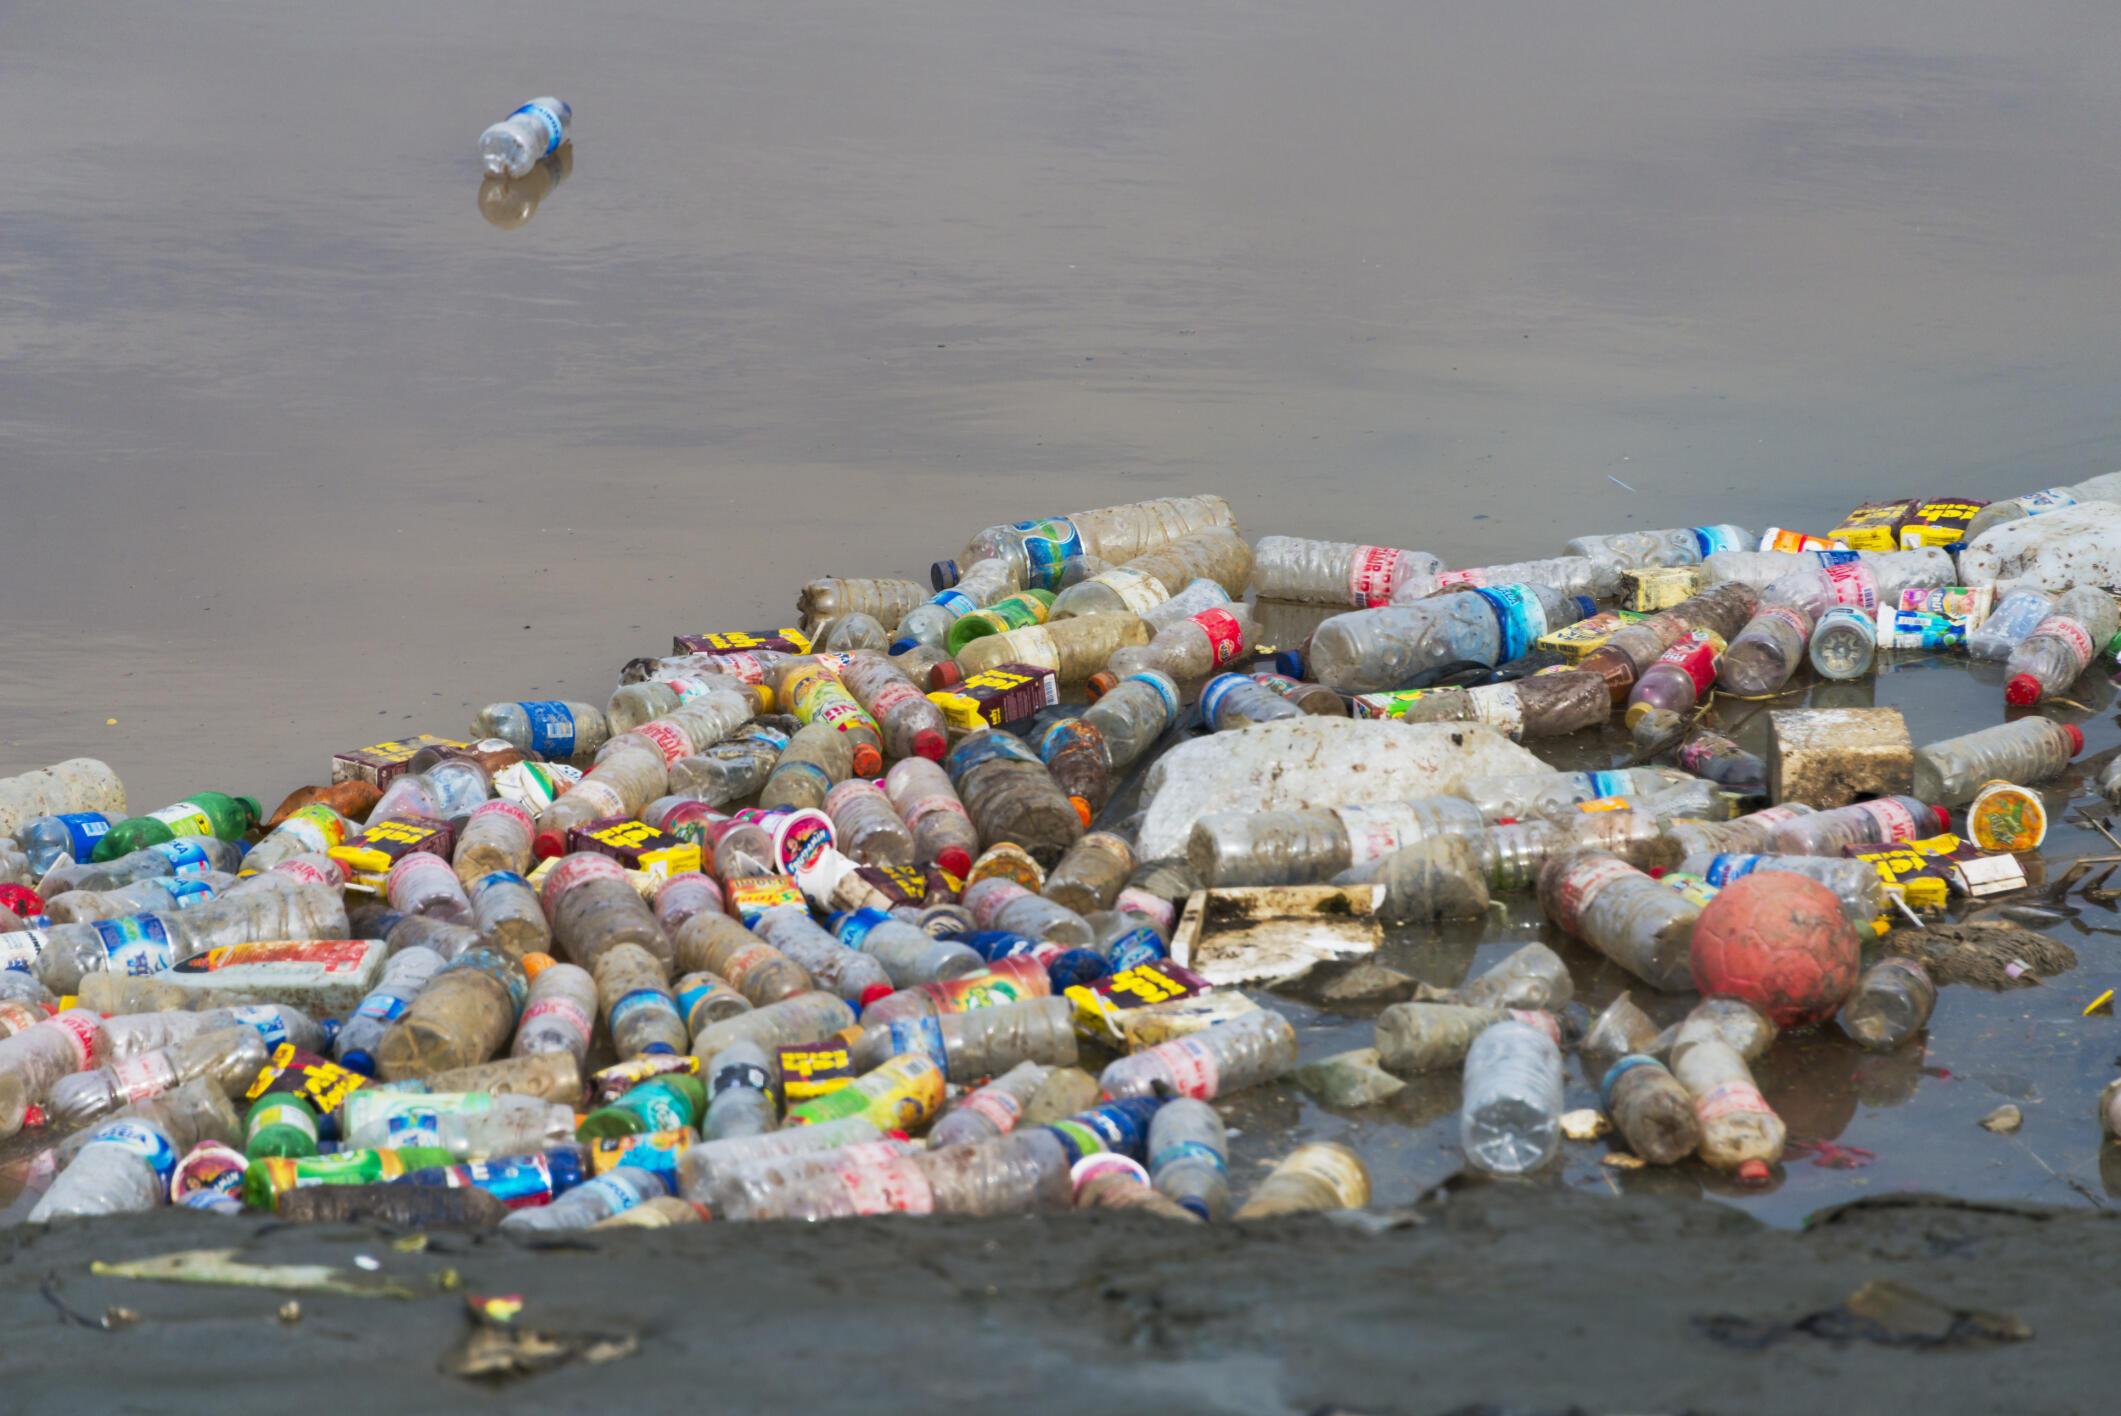 Bouteilles, sacs et bouchons en plastique, cotons-tiges sont «les premiers prédateurs des océans», affirme l'association Surfrider.